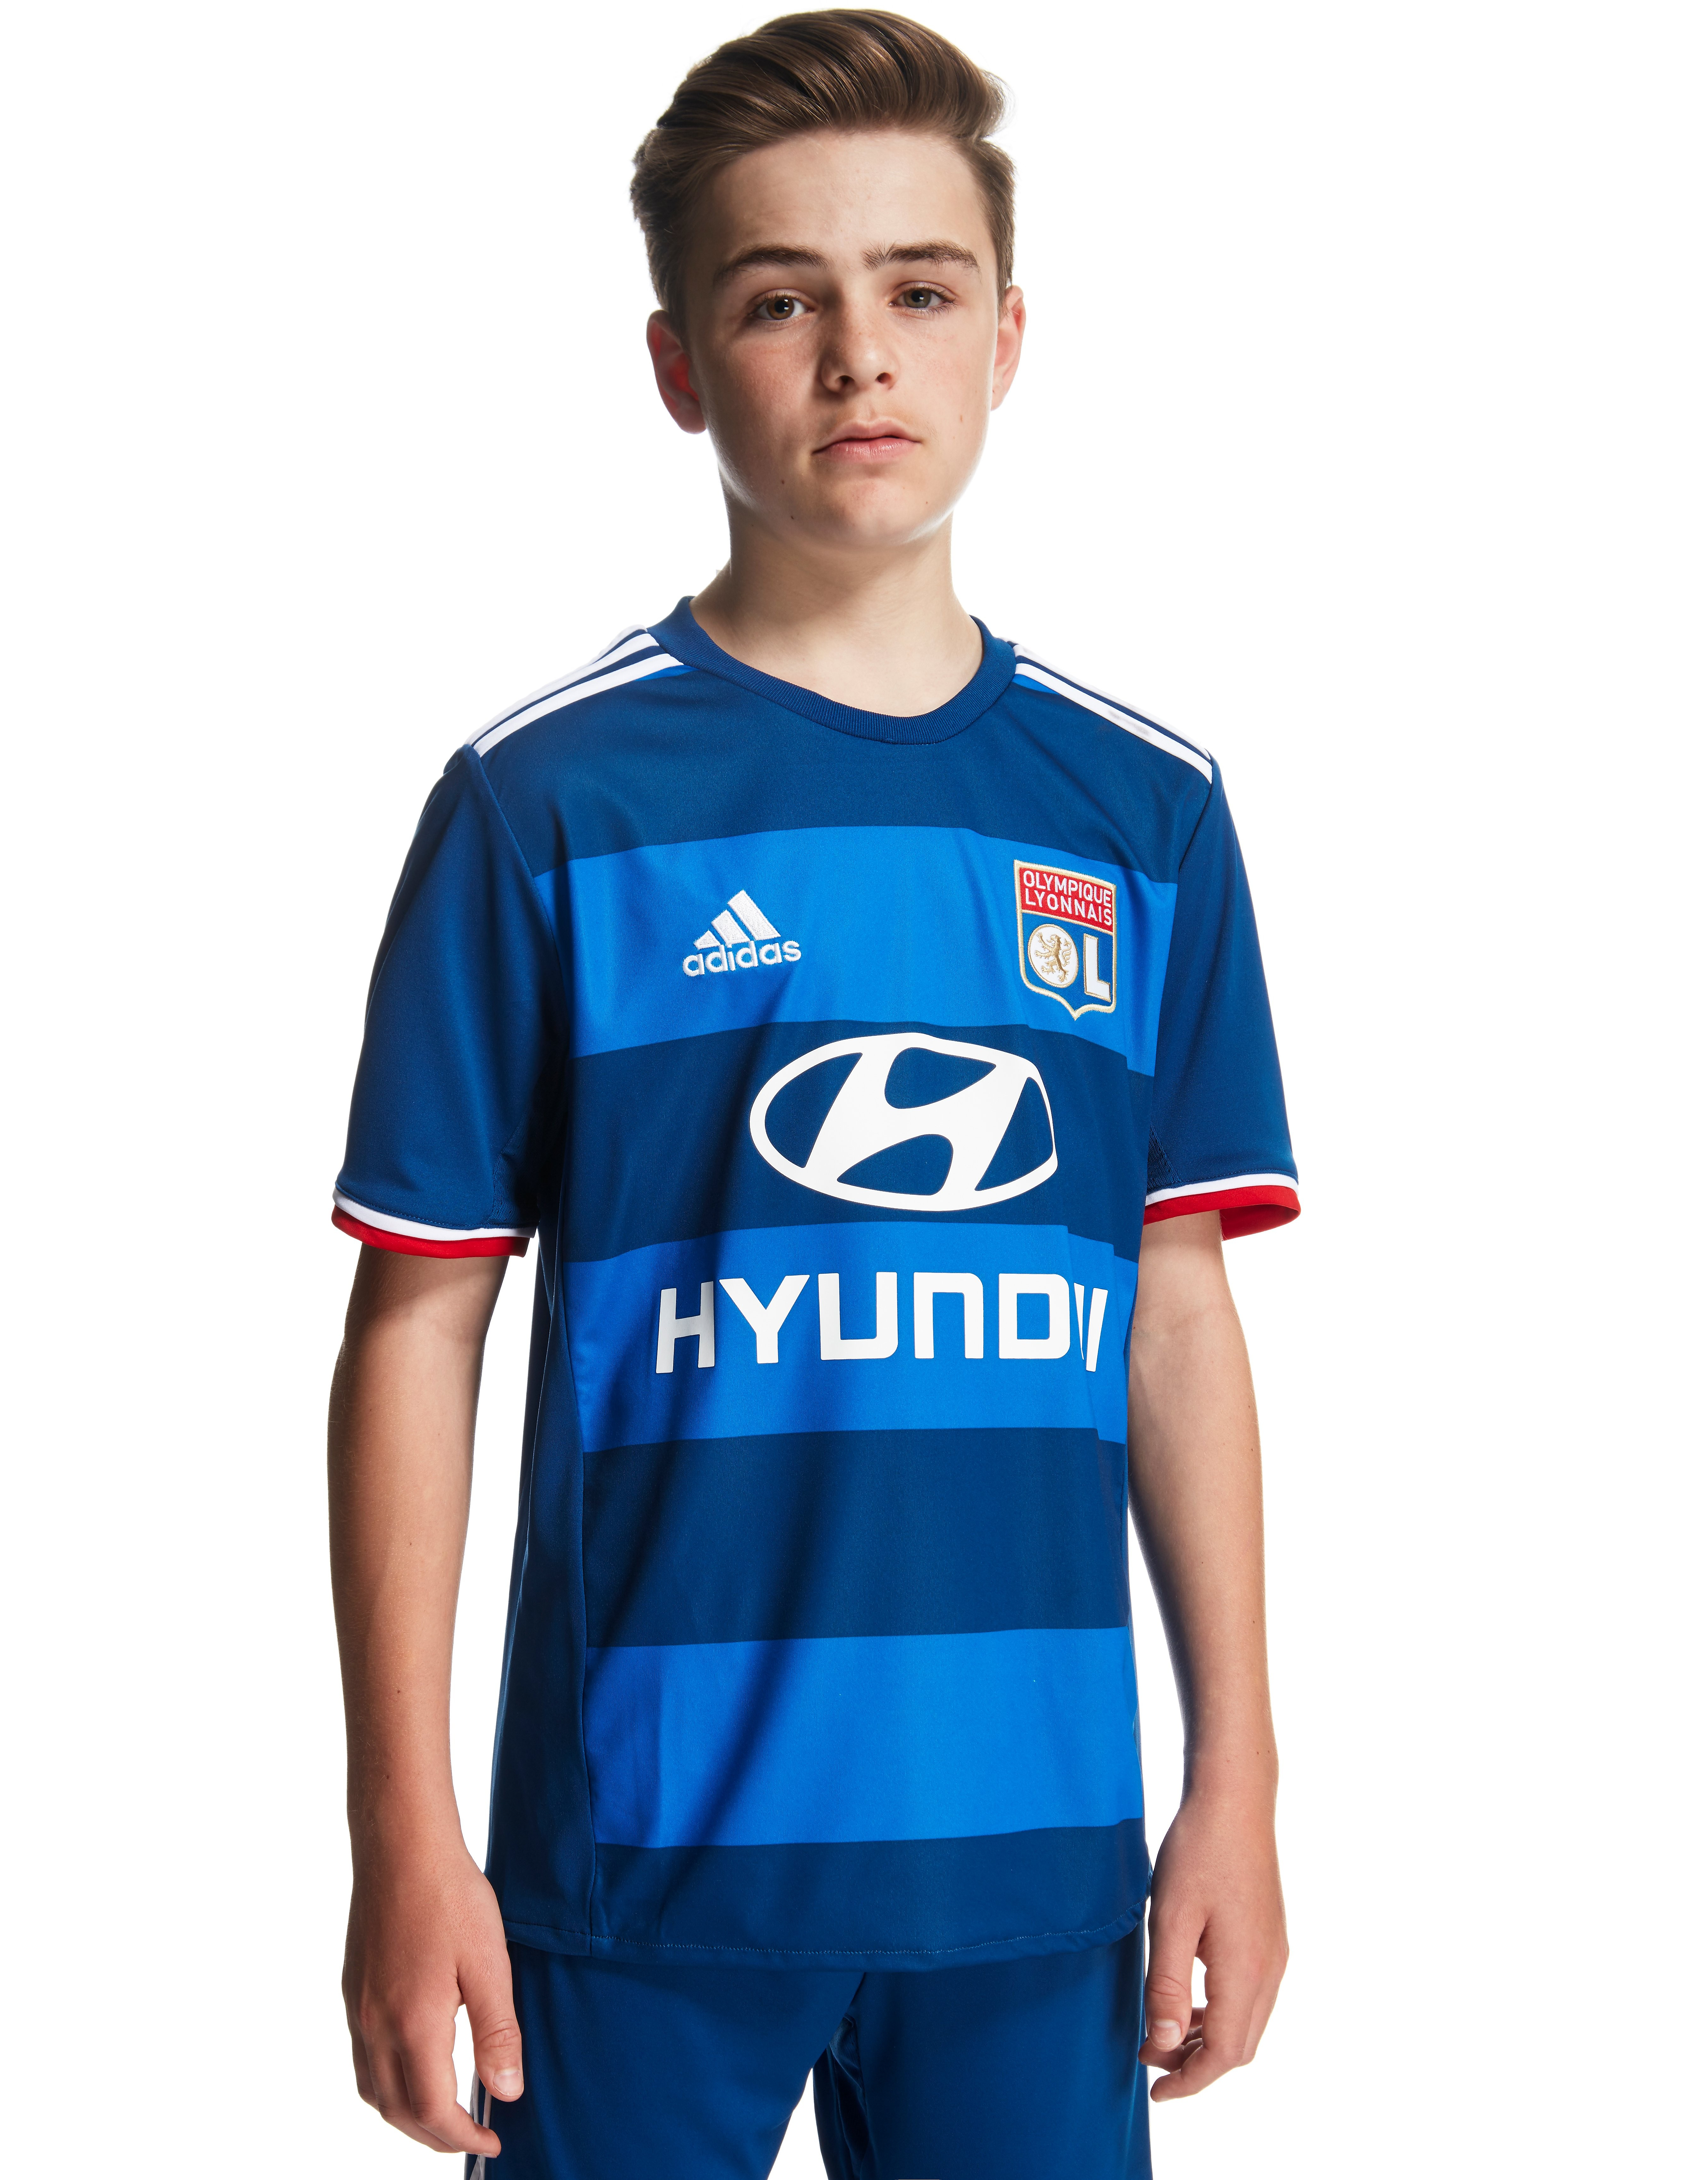 adidas Olympique Lyon 2016/17 Away Shirt Junior